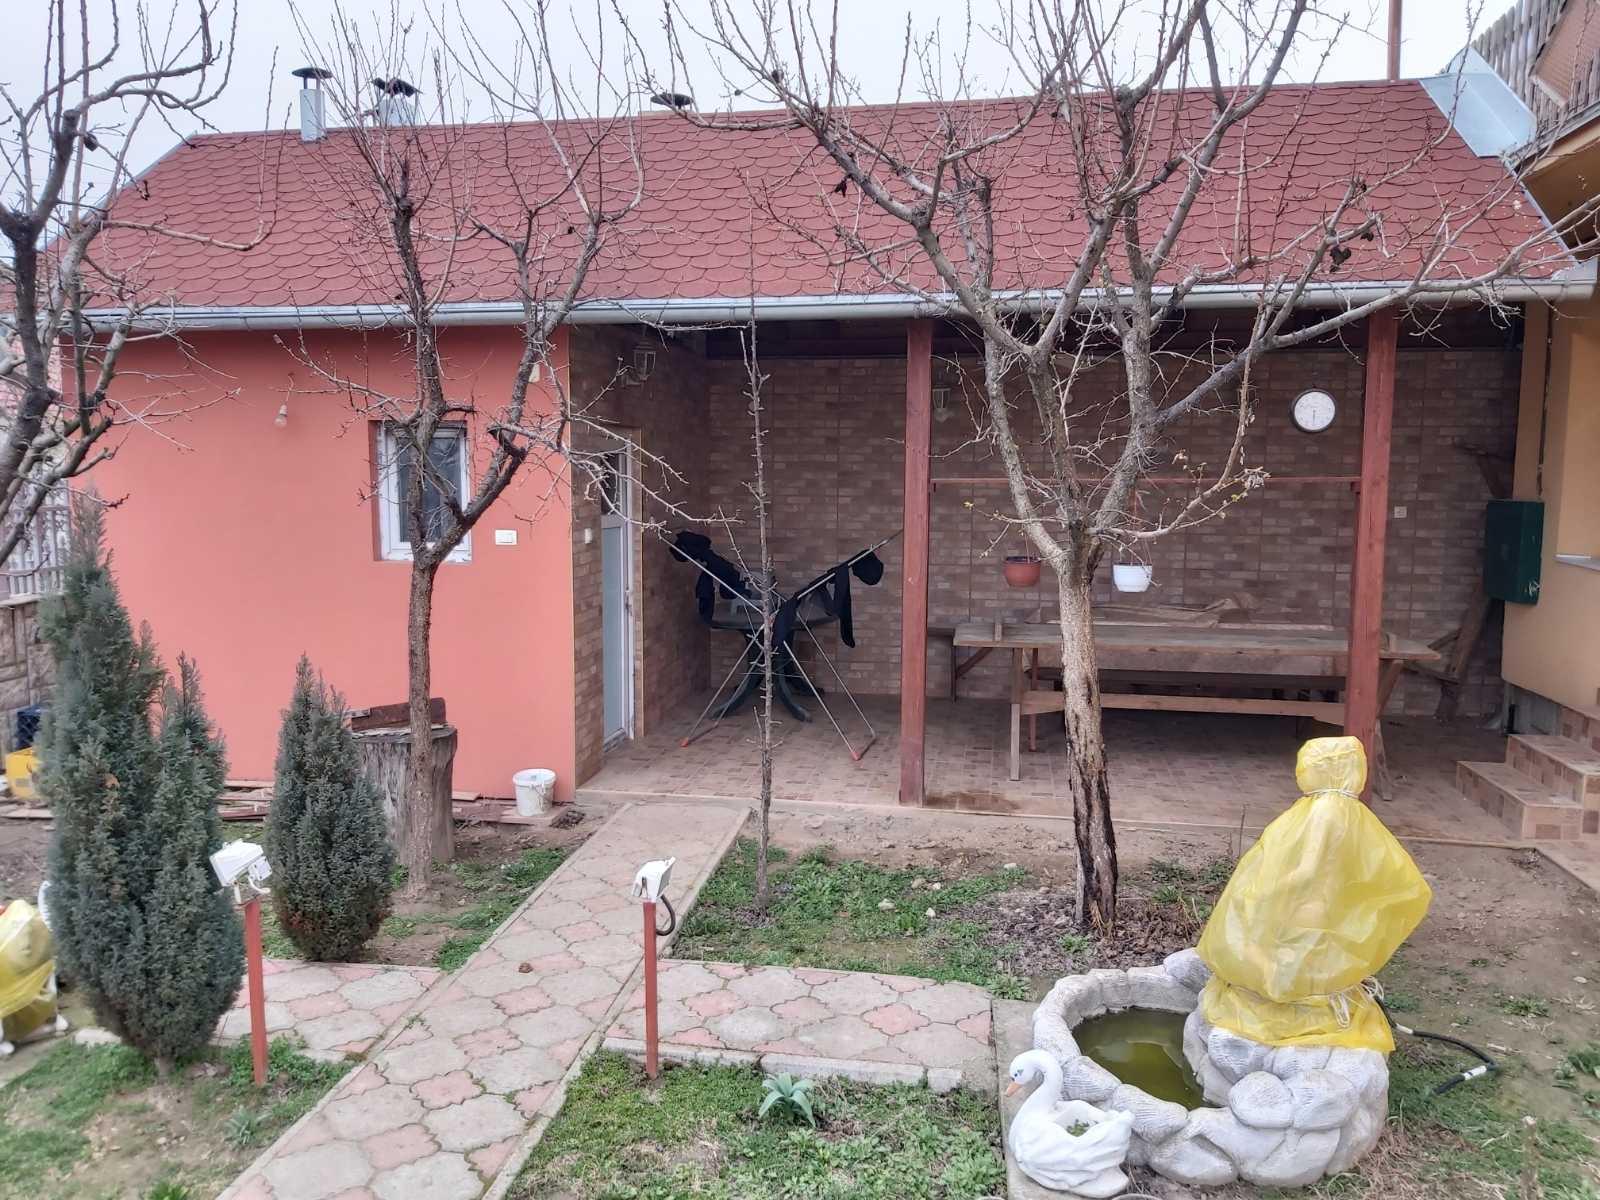 Kuća, poljoprivredno gazdinstvo, plac 7199 m2, Maradik-Inđija